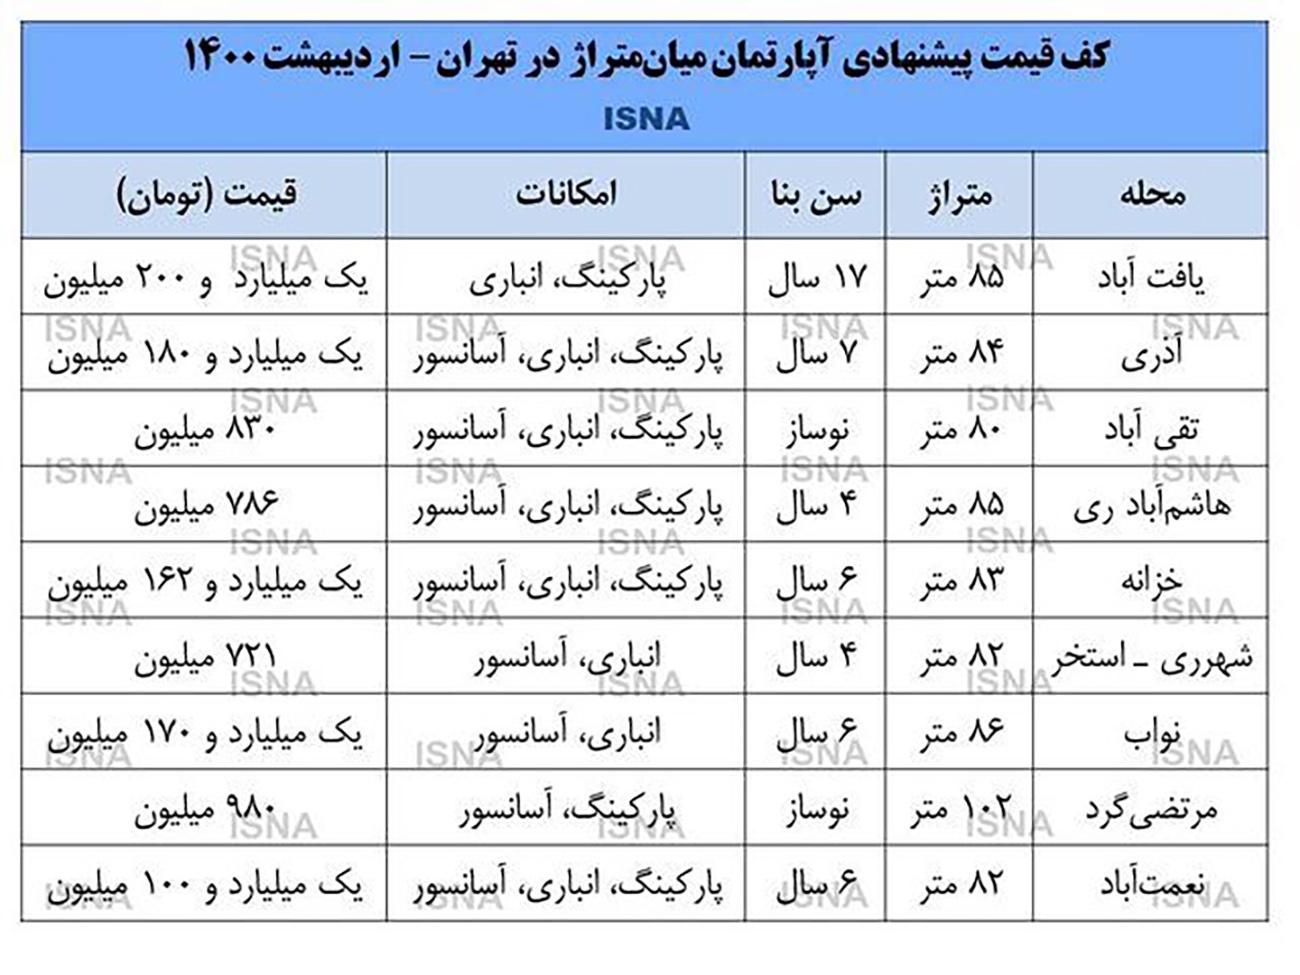 خرید مسکن در تهران، با کف یک میلیارد!